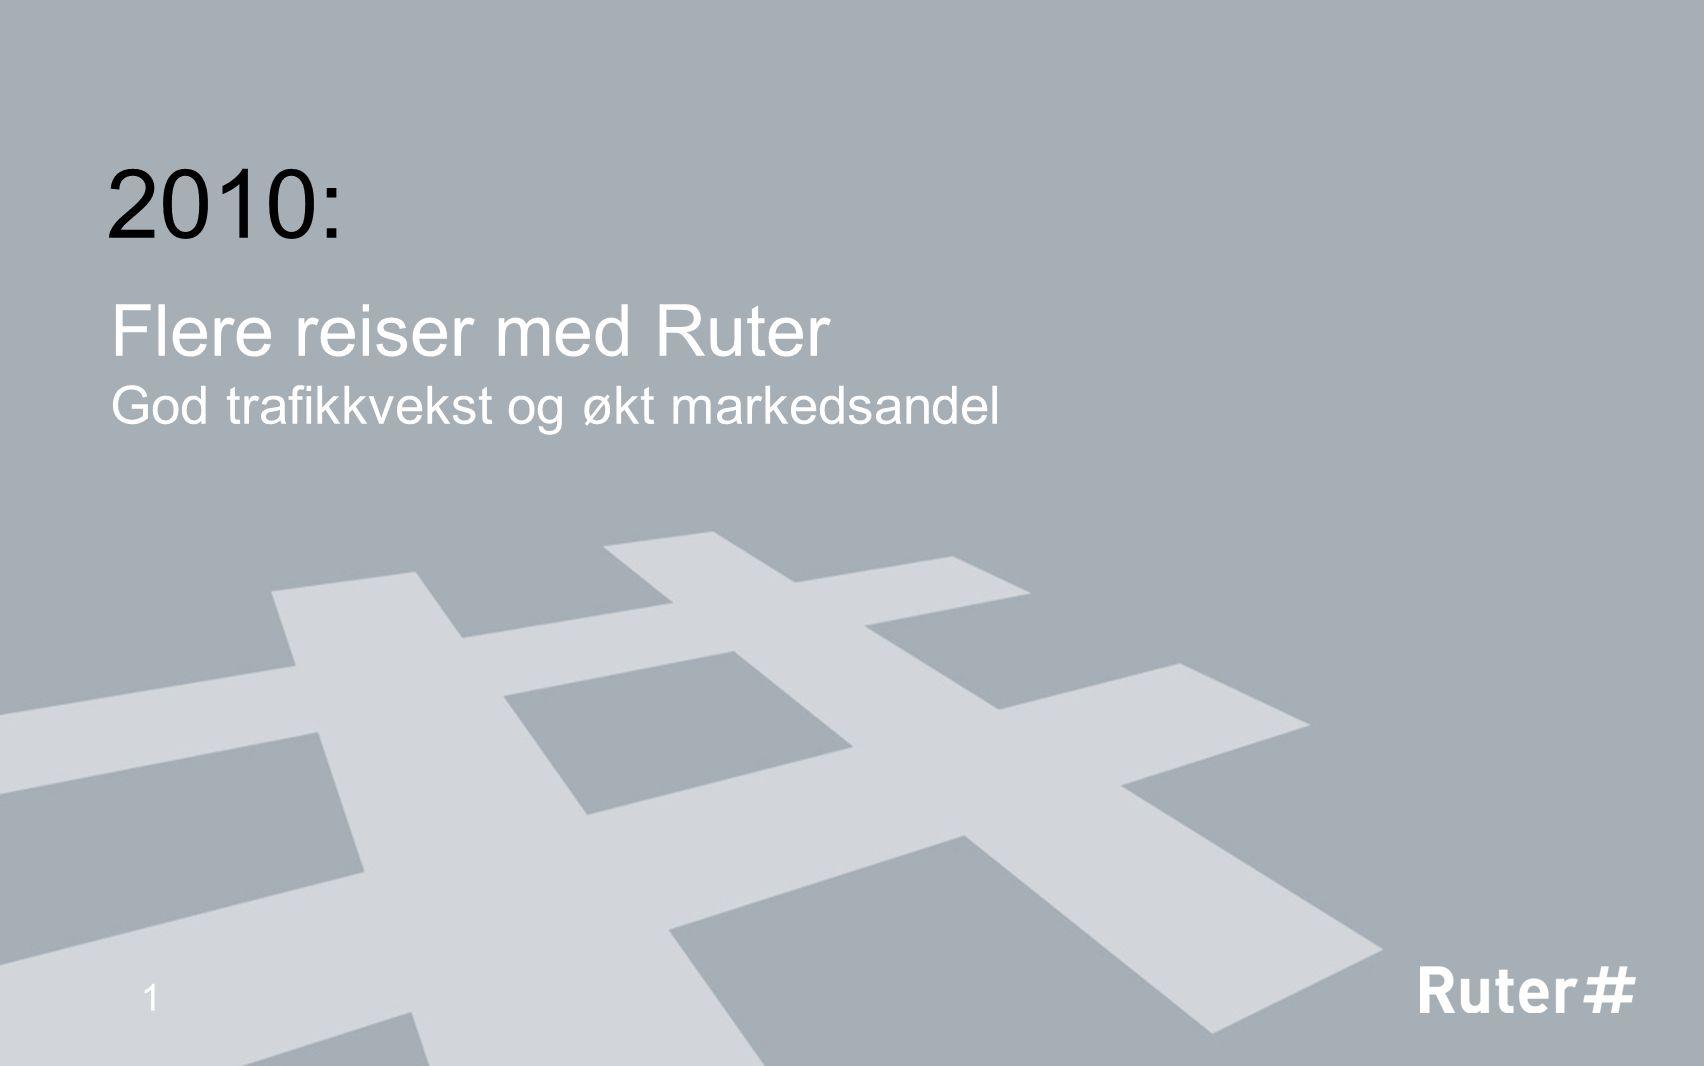 Flere reiser med Ruter God trafikkvekst og økt markedsandel 1 2010: